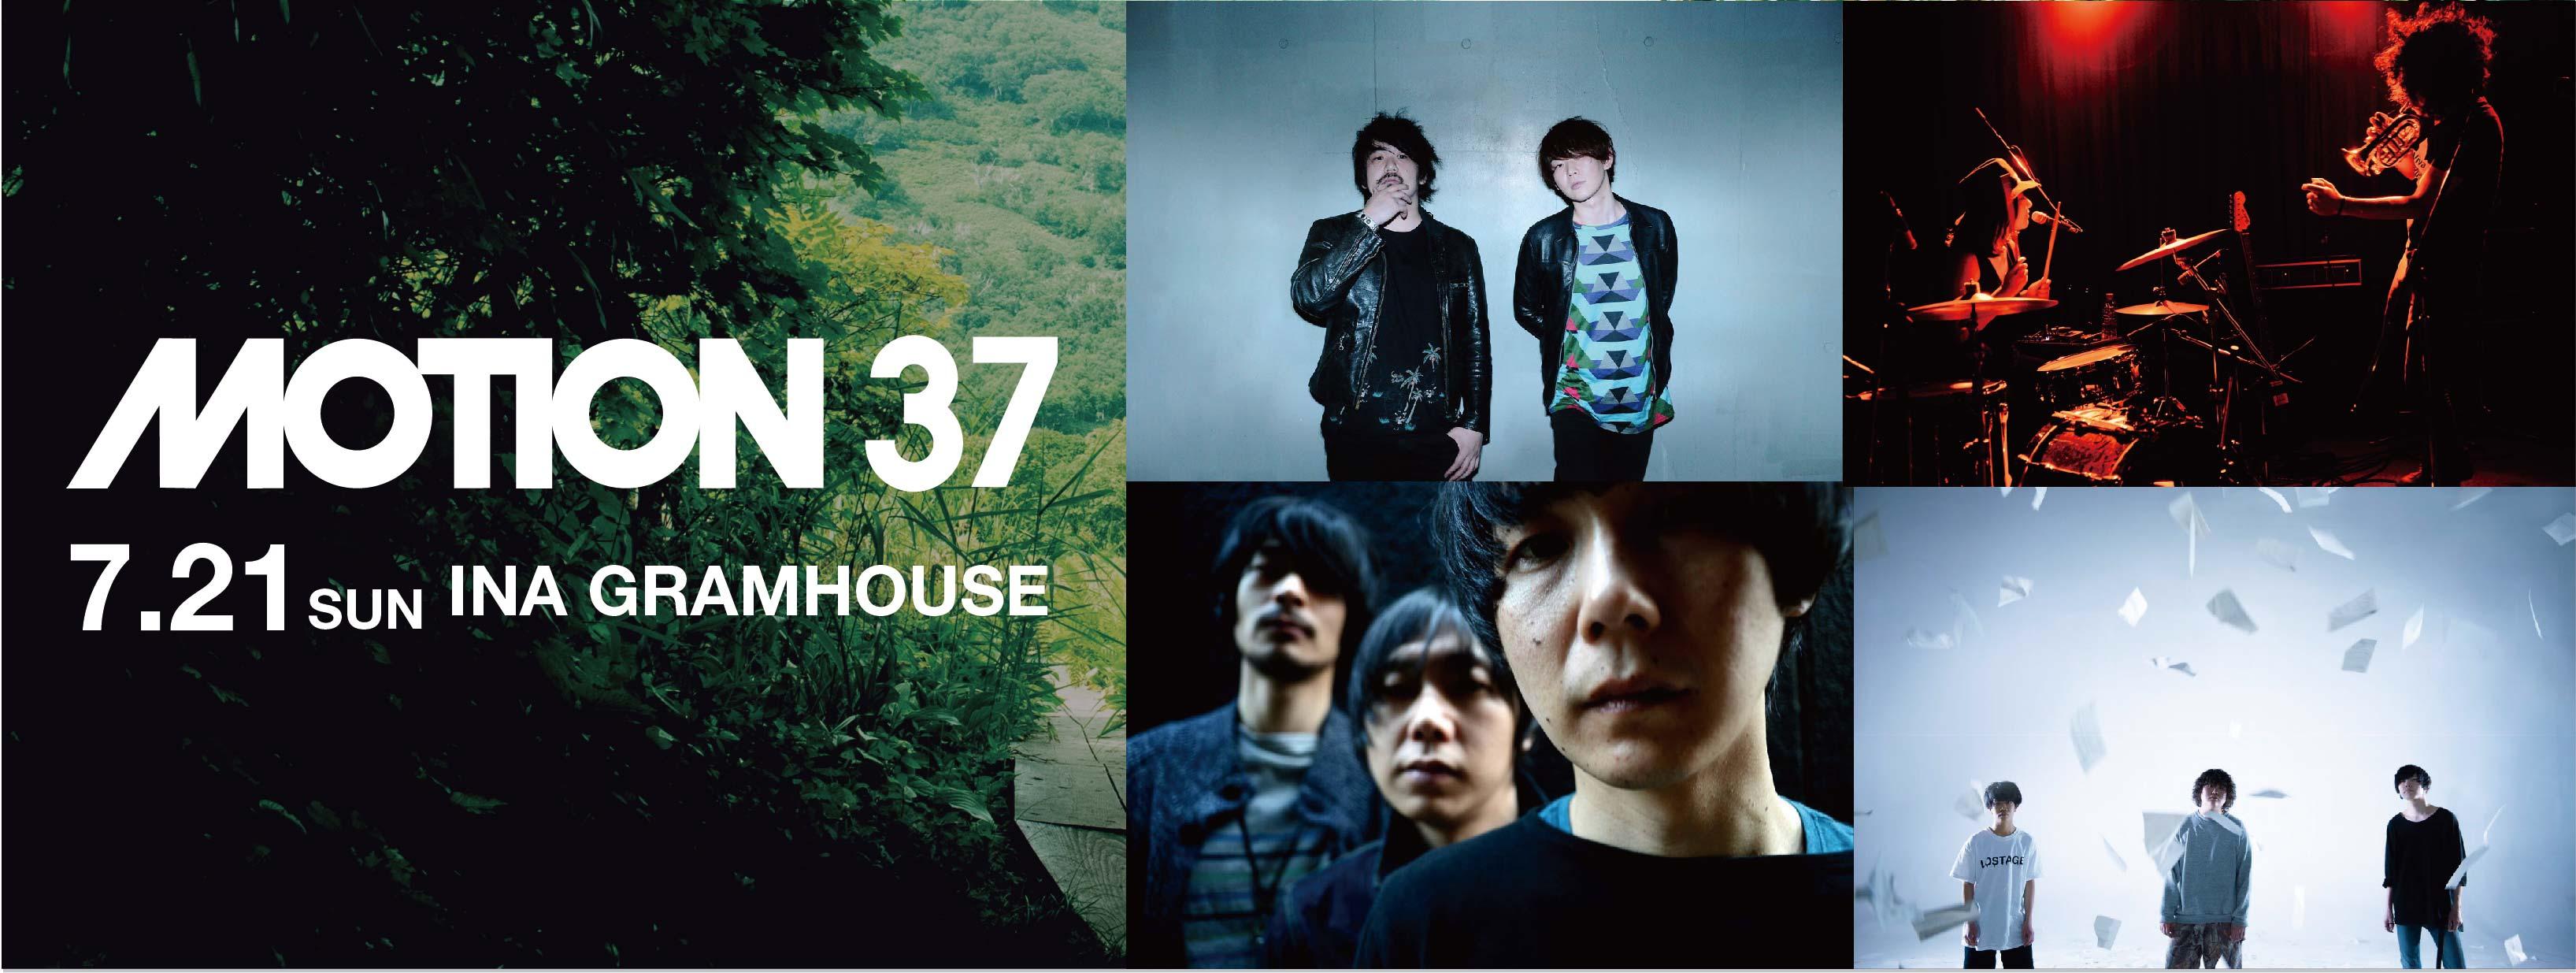 MOTION 37